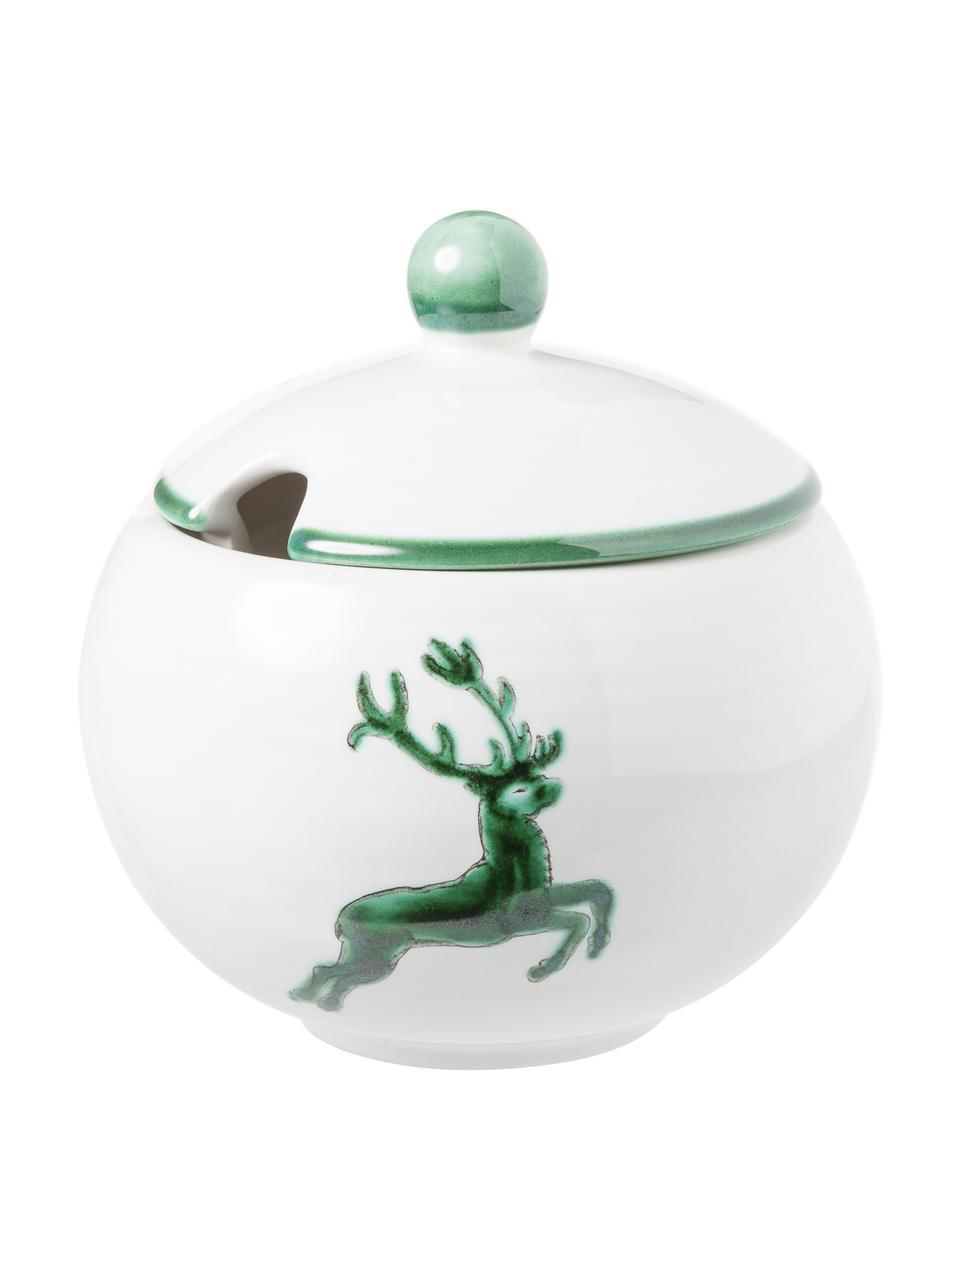 Handbemalte Zuckerdose Classic Grüner Hirsch, Keramik, Weiß, Ø 10 cm